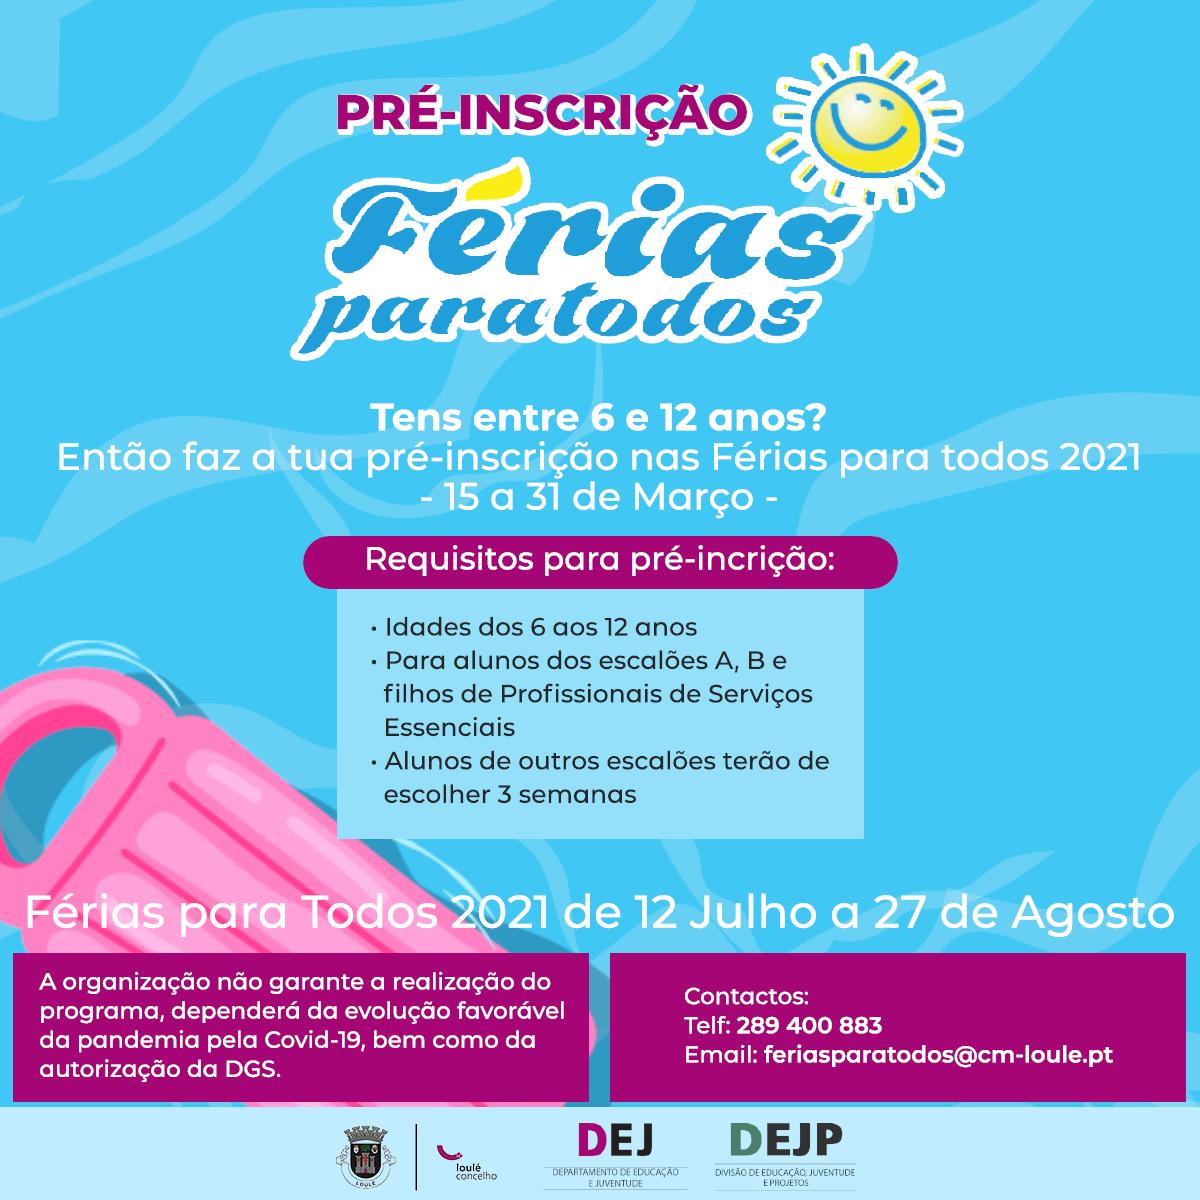 Ferias para Todos Post2021